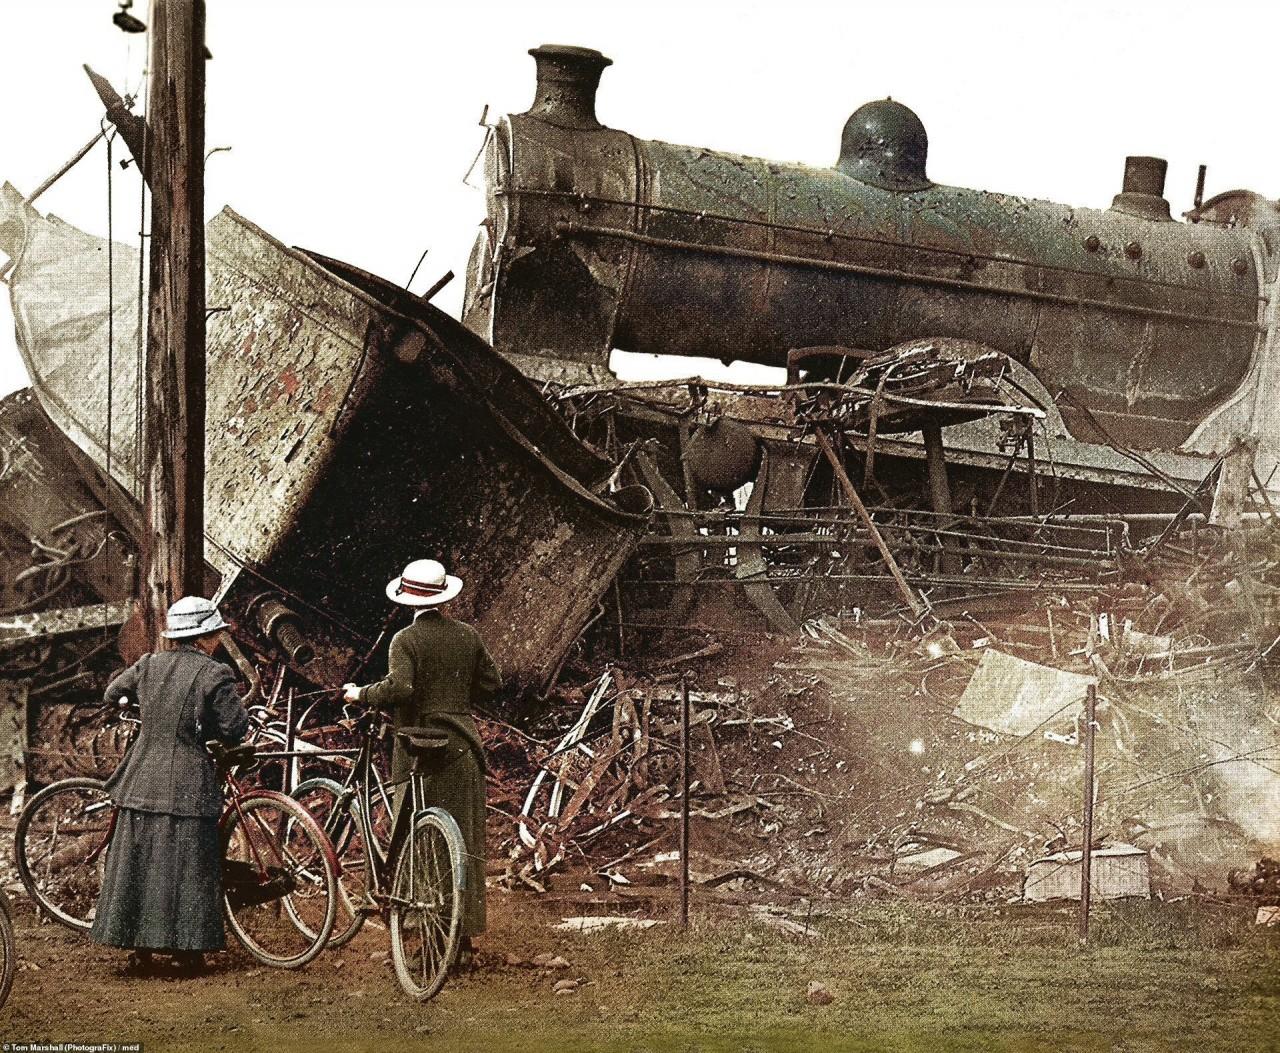 Железнодорожная катастрофа в Квинтиншилле (Шотландия) на ветке, соединявшей Глазго и Карлайл, 22 мая 1915 г. архивное фото, колоризация, колоризация фотографий, колоризированные снимки, первая мировая, первая мировая война, фото войны